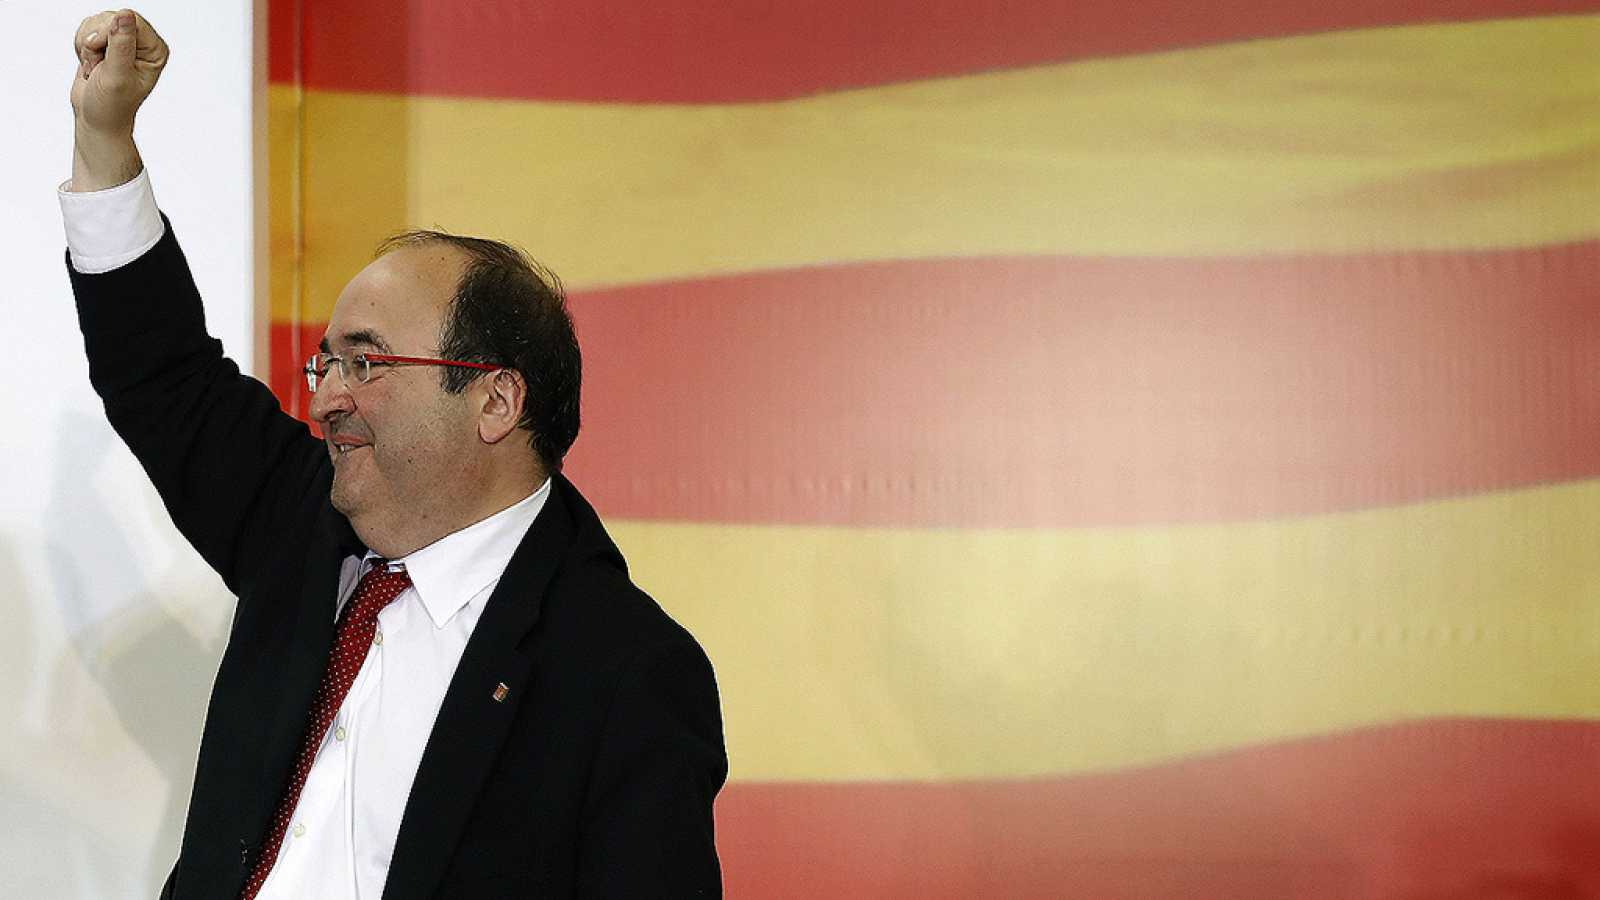 Elecciones catalanas: La propuesta de Iceta sobre indultos a los independentistas agita la campaña